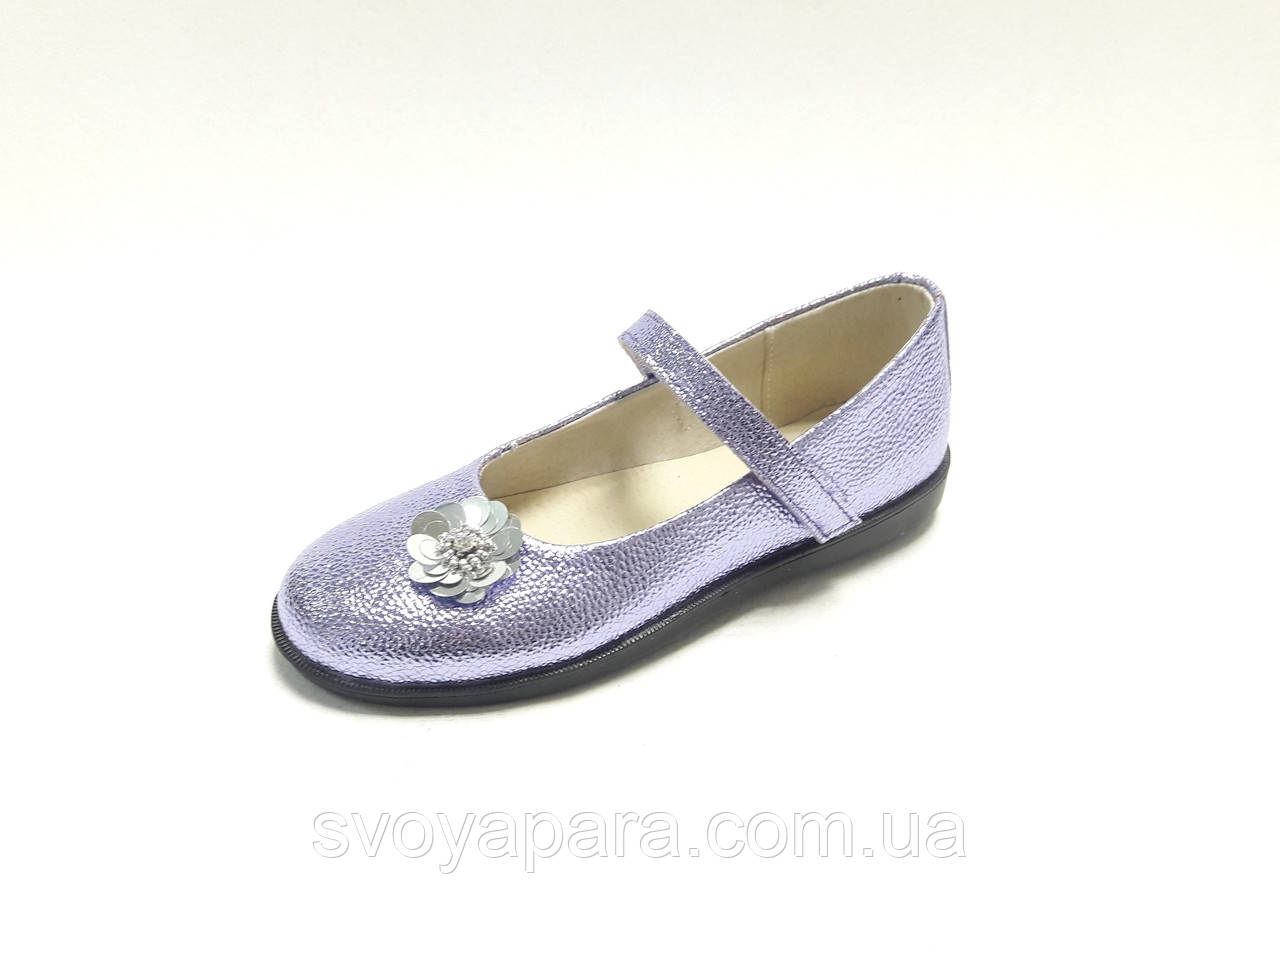 Туфли детские для девочки сиреневые кожаные (03045)